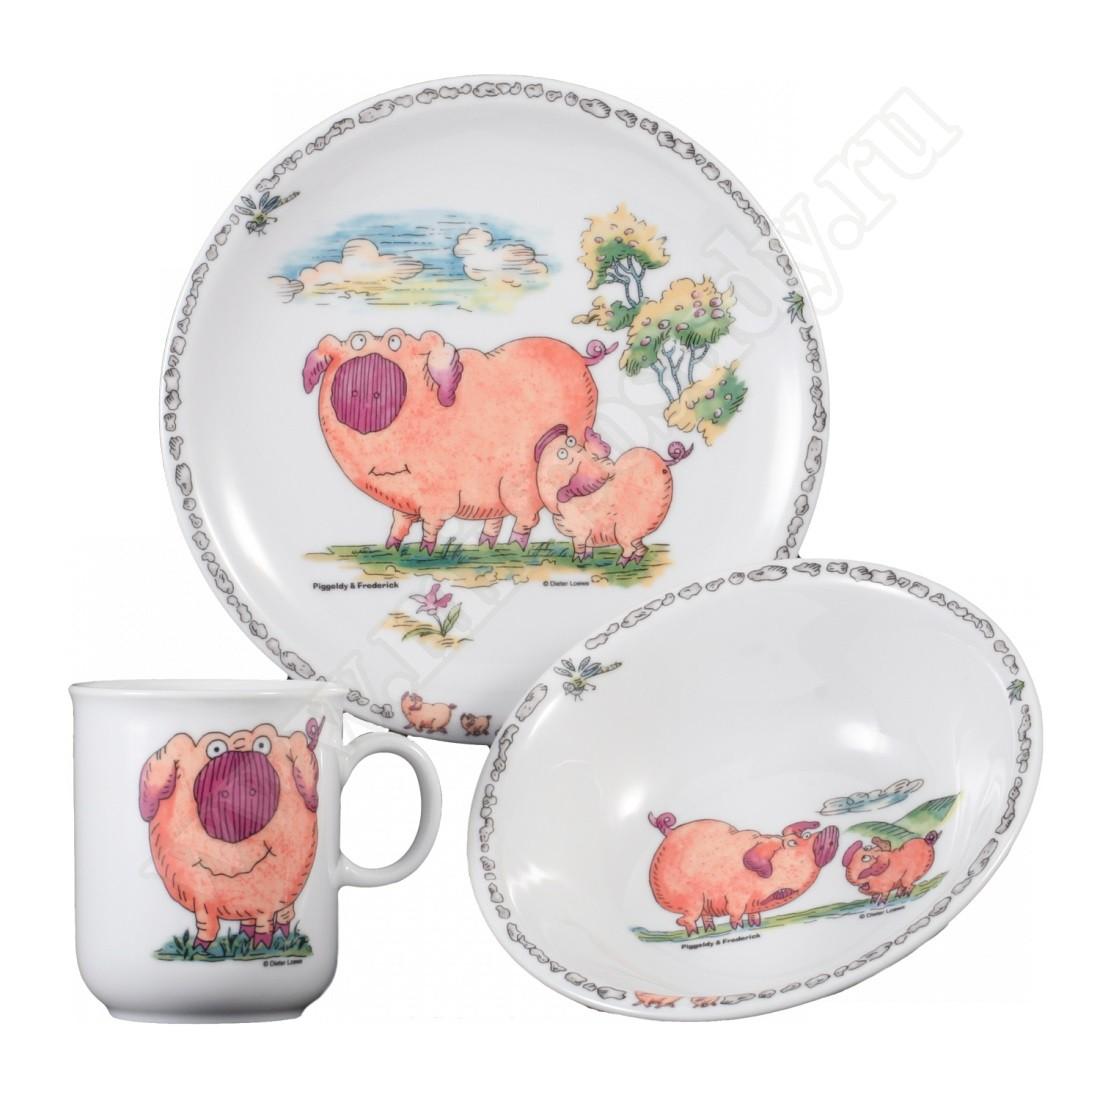 Сервиз детский 3 предмета Piggeldy Мир Посуды - все для баров и рестаранов, посуда оптом. Y4FDNPVF